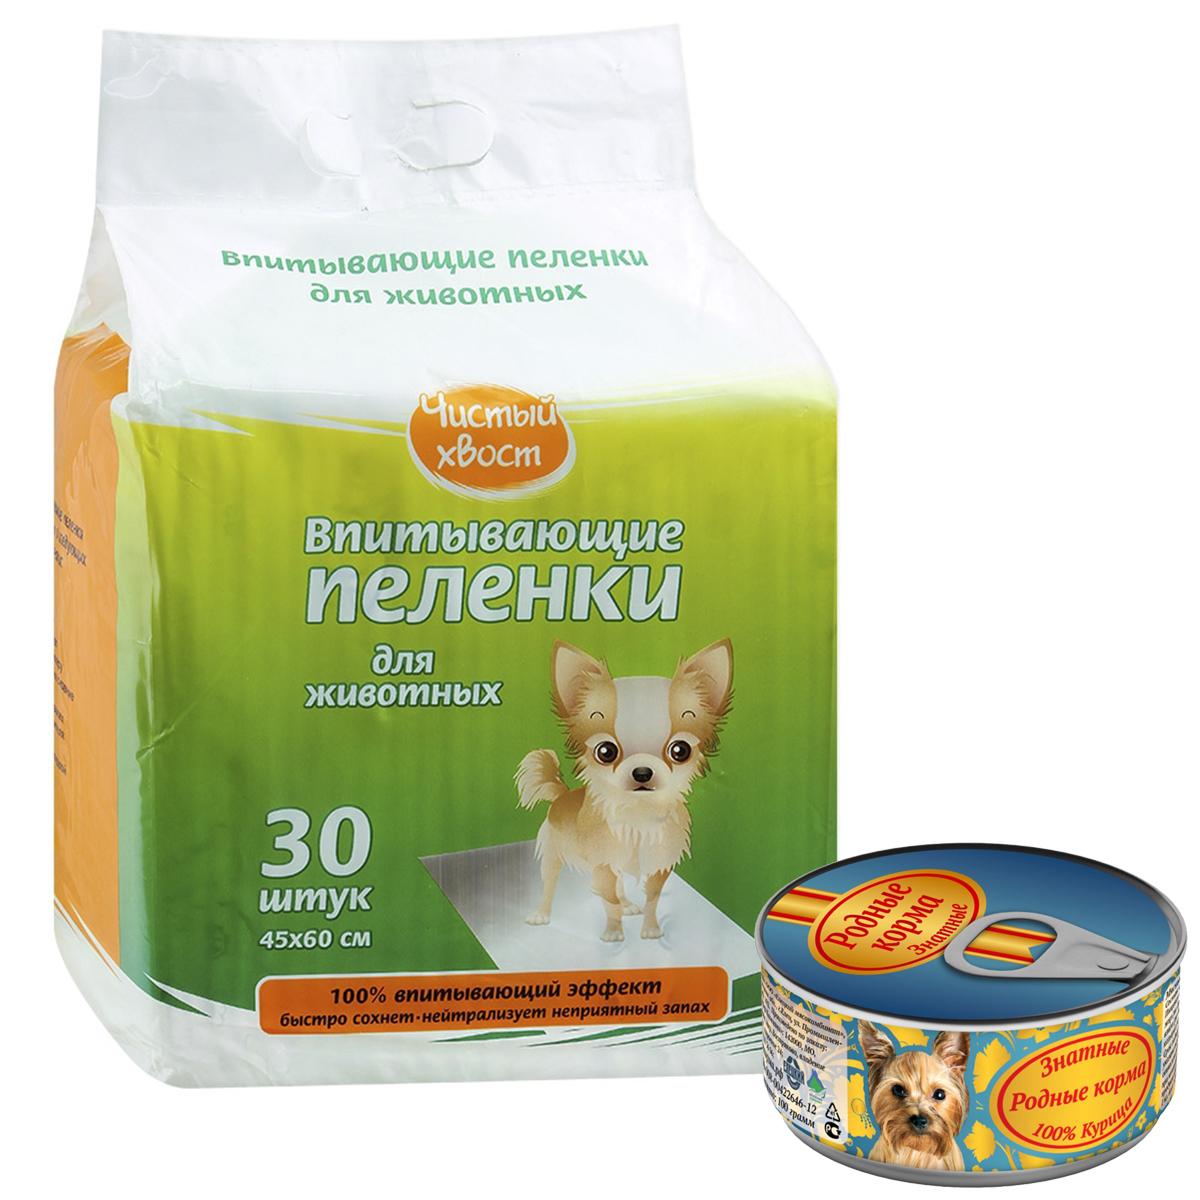 Впитывающие пеленки для животных Чистый хвост, 60 х 45 см, 30 шт + ПОДАРОК: Консервы для собак Родные корма Знатные, 100 % Курица, 100 г12171996Пелёнки Чистый хвост обладают 100% впитывающим эффектом.- Они нейтрализуют запах. - Специальная защита от протекания. - Имеют ненавязчивый привлекающий аромат. - Без мокрых следов. - Быстрое высыхание обеспечивает длительное их использование.В ПОДАРОК Консервы для собак РОДНЫЕ КОРМА Знатные, 100 % Курица, 100 г.